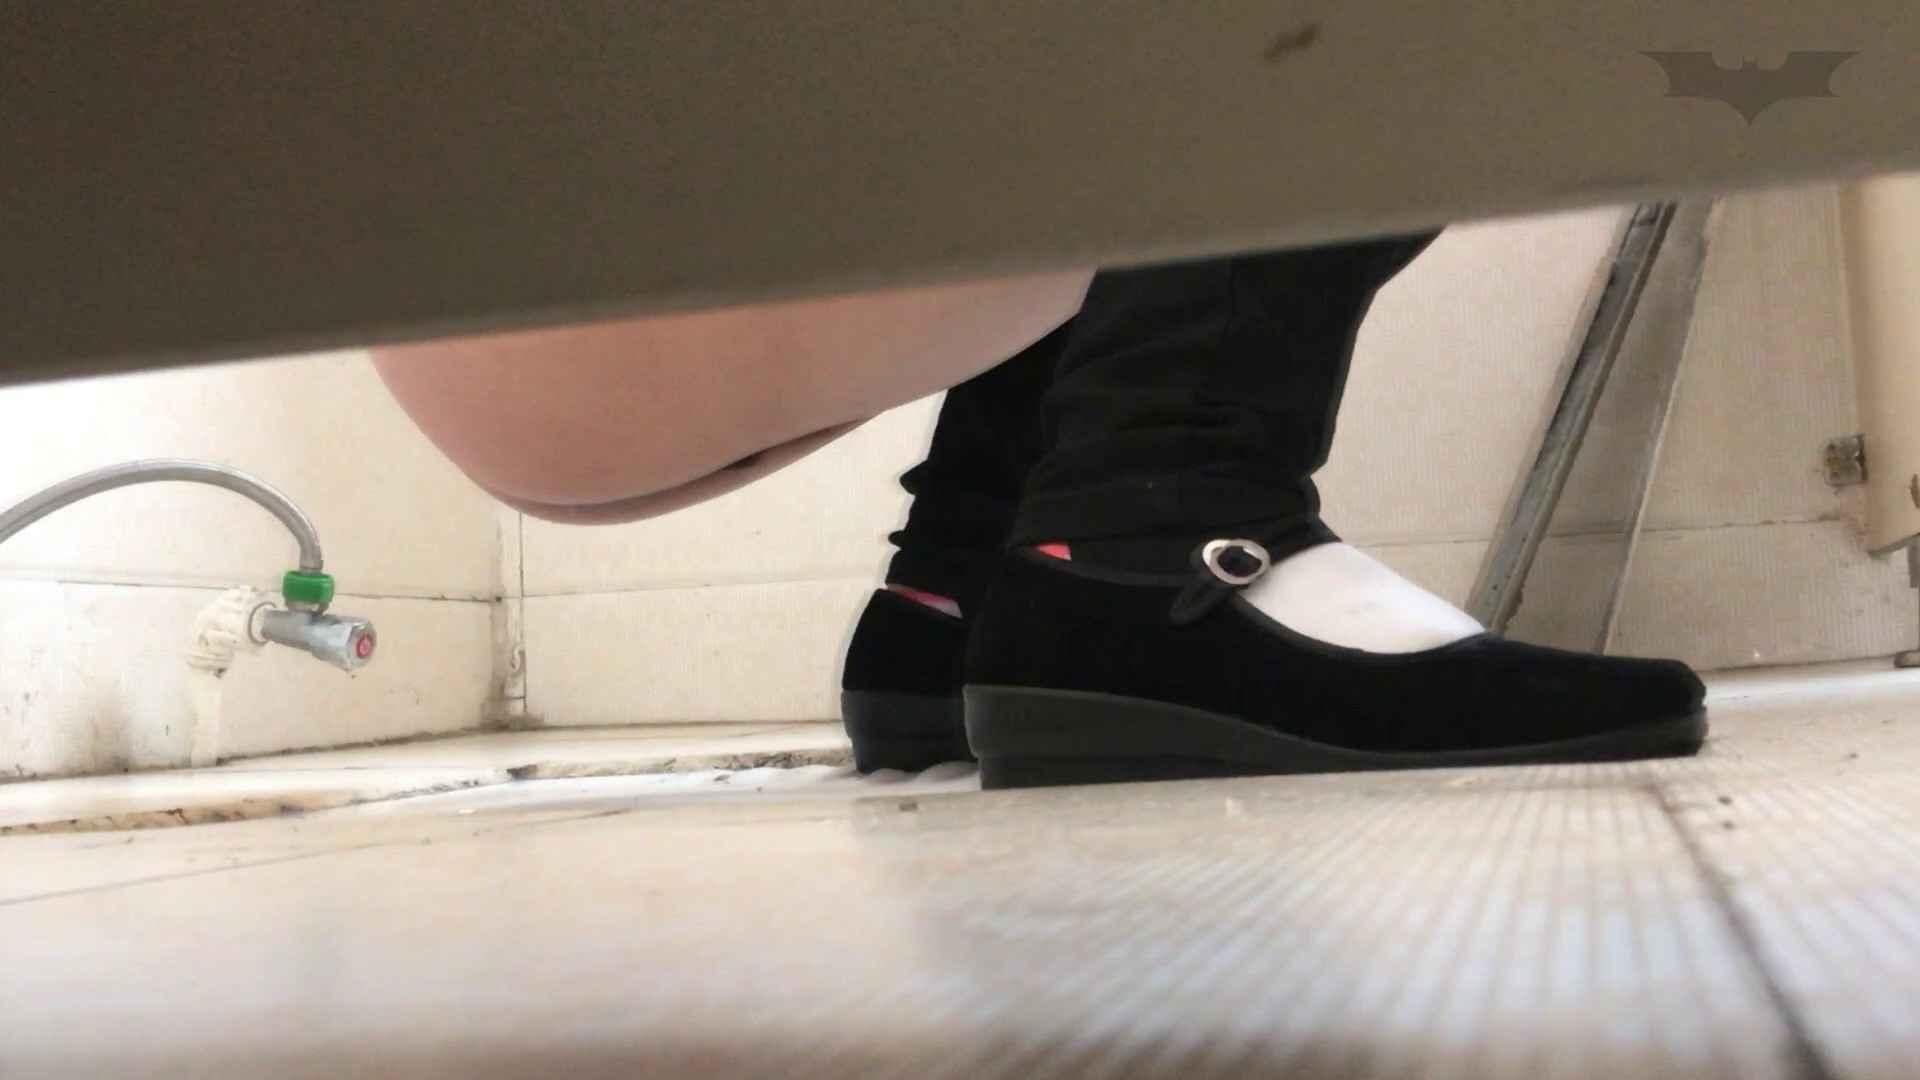 芸術大学ガチ潜入盗撮 JD盗撮 美女の洗面所の秘密 Vol.108 トイレ盗撮 われめAV動画紹介 95pic 23